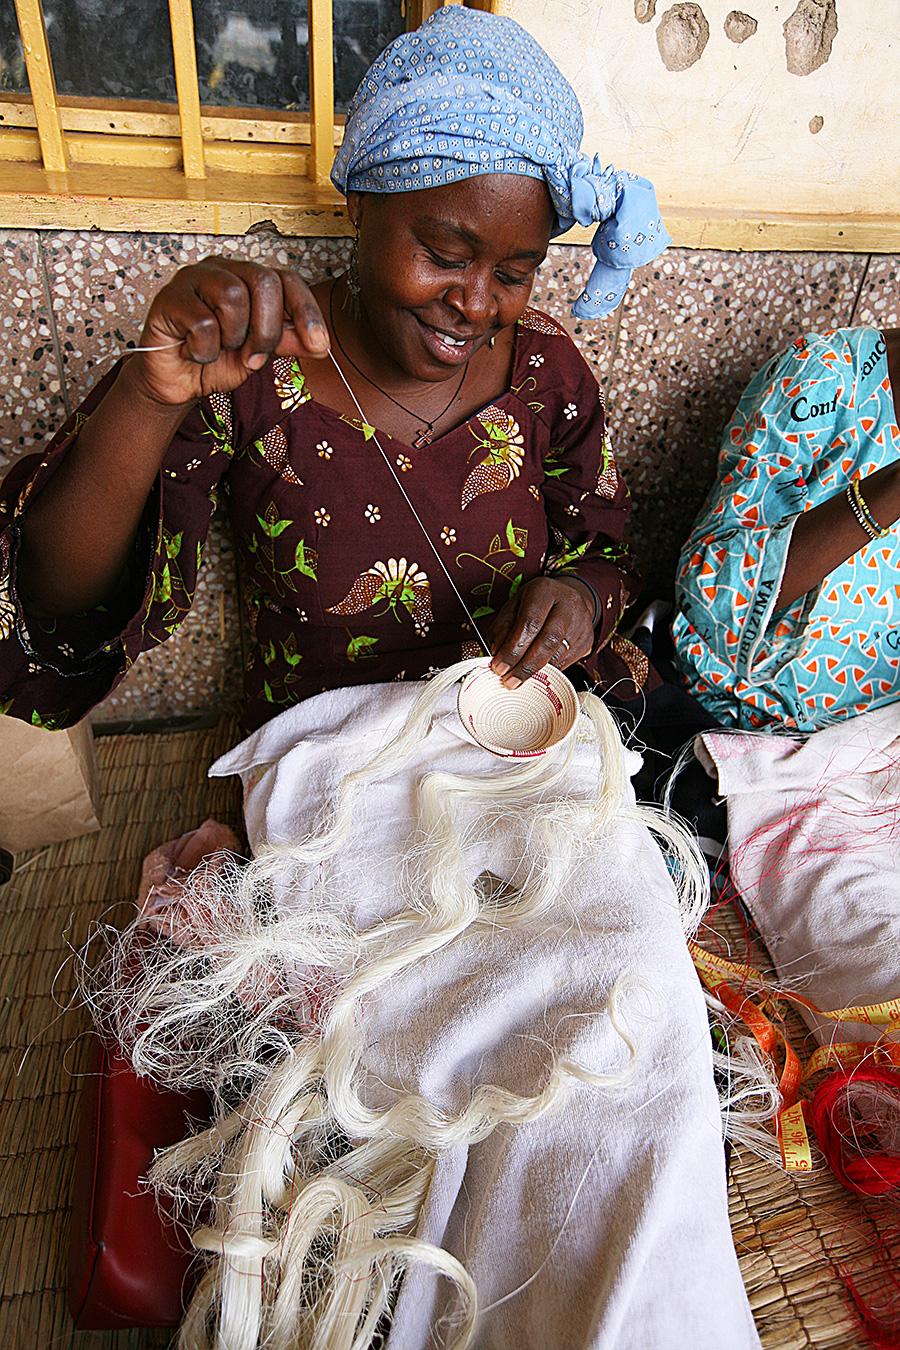 ひと針ずつ柄のバランスを保ちながら編み上げる作業は、織り子のセンスと根気が必要。